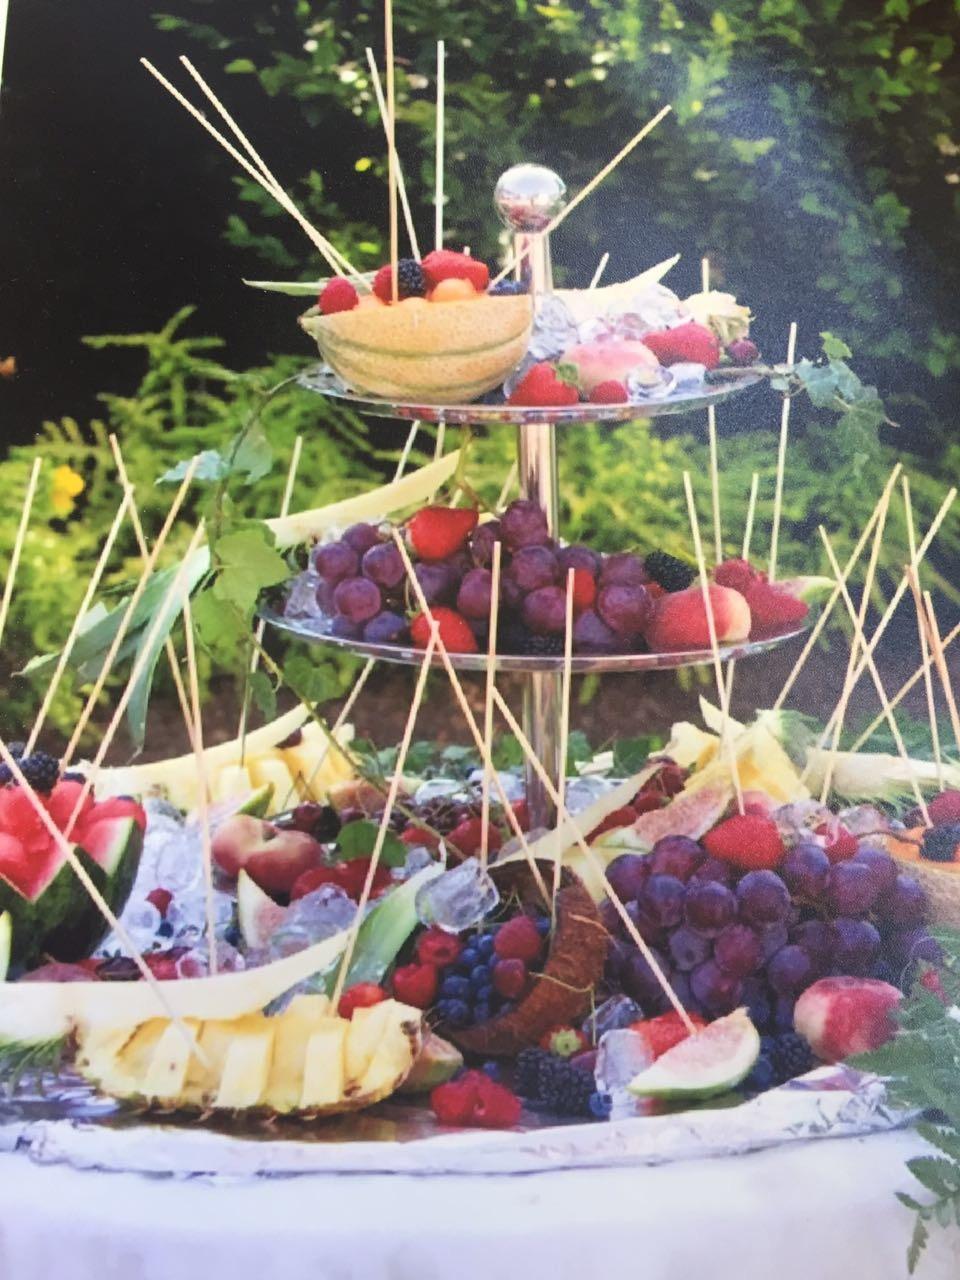 frutta mista su tavola imbandita